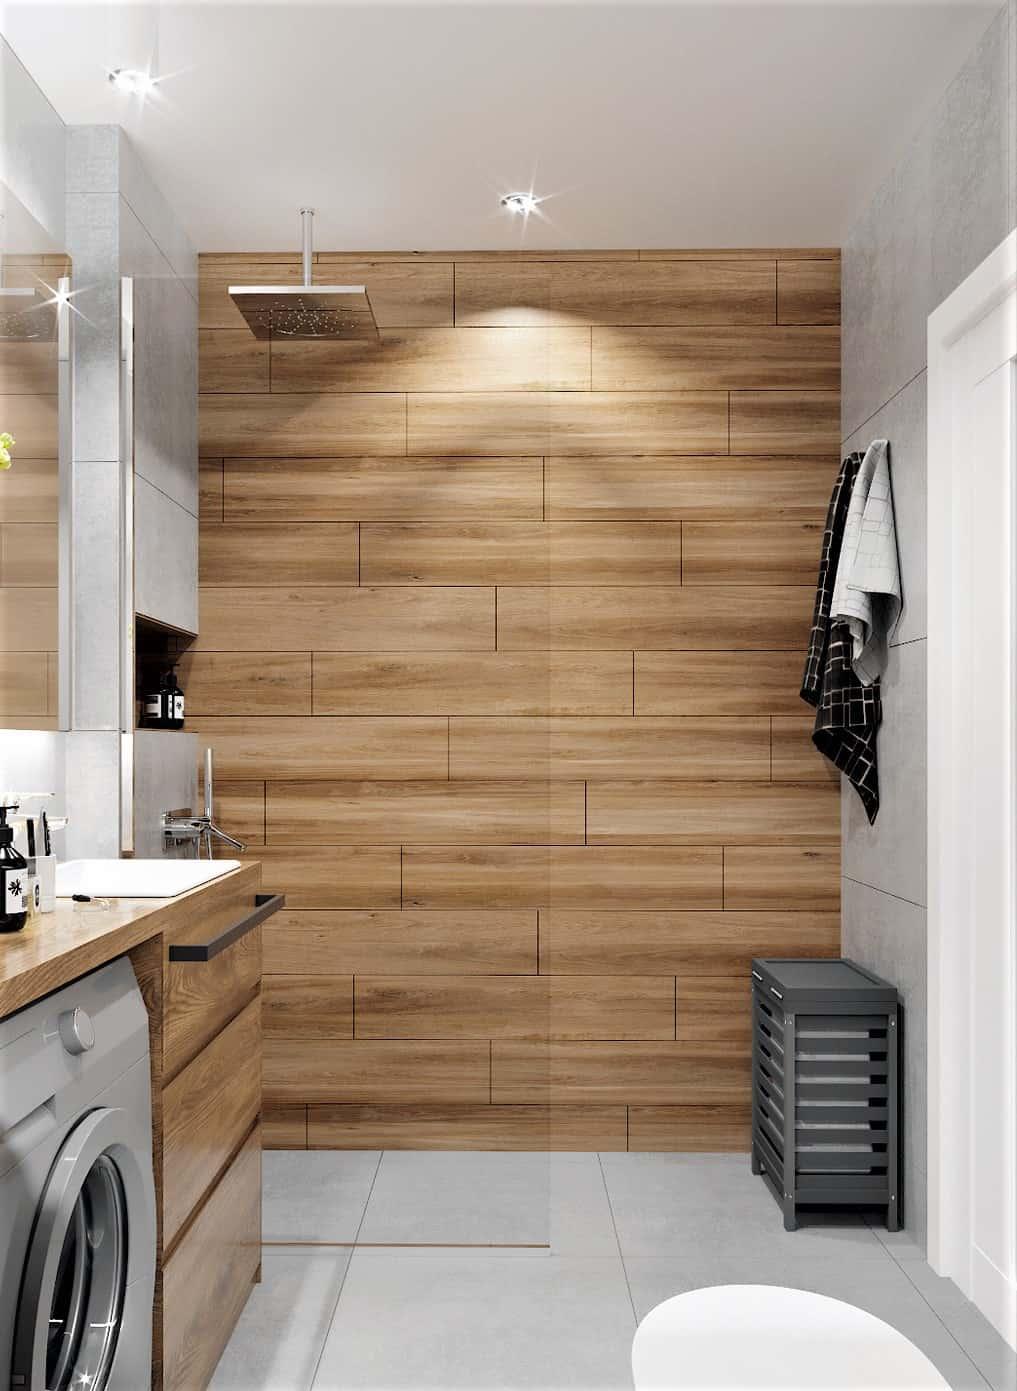 prysznic walk-in, plytki drewnopodobne